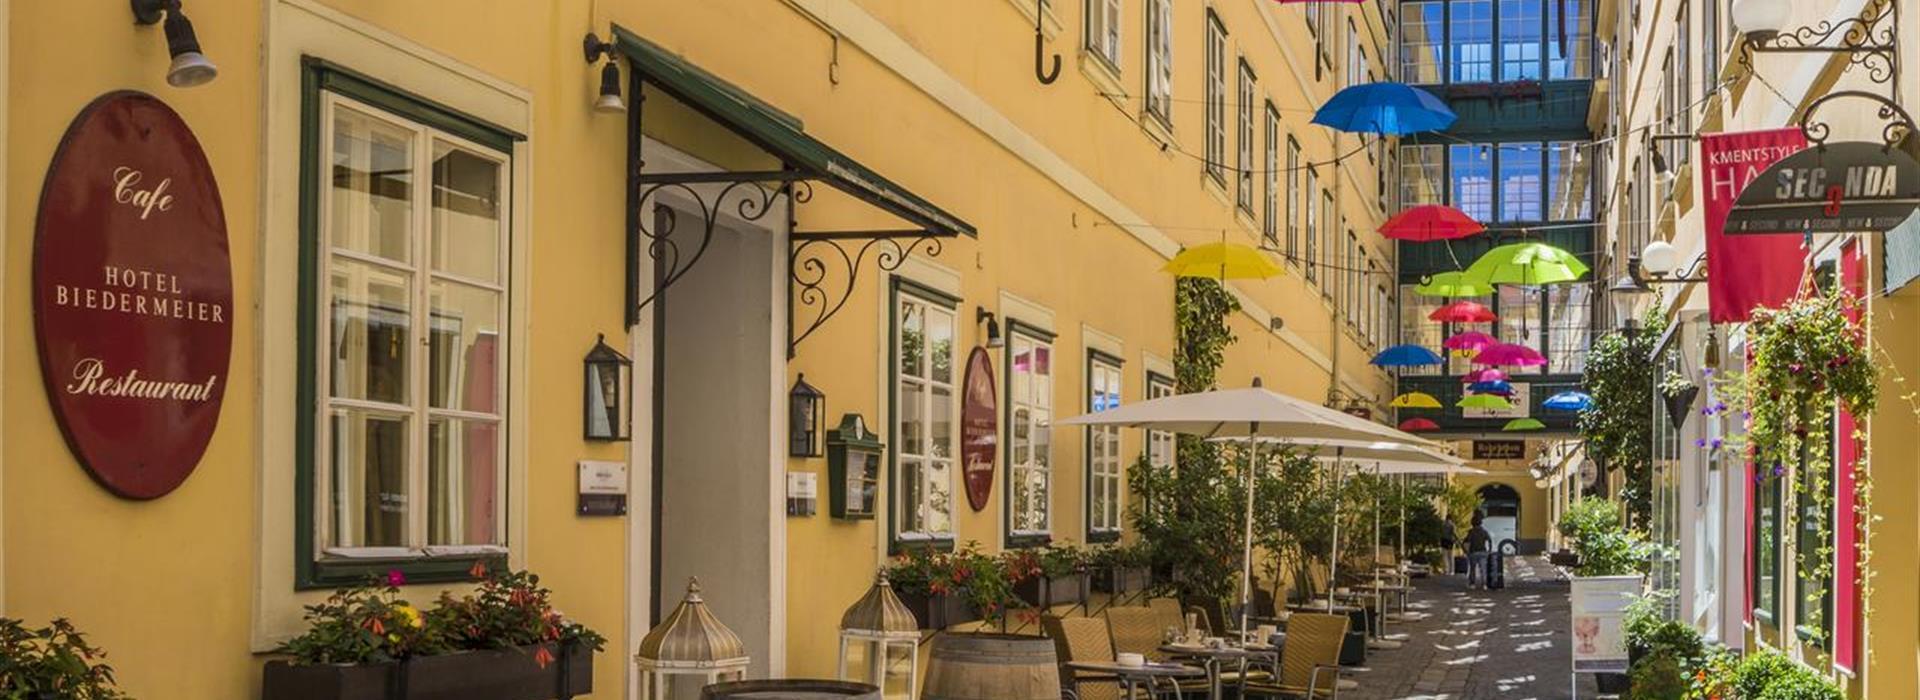 Mercure-Grand-Hotel-Biedermeier-Wien